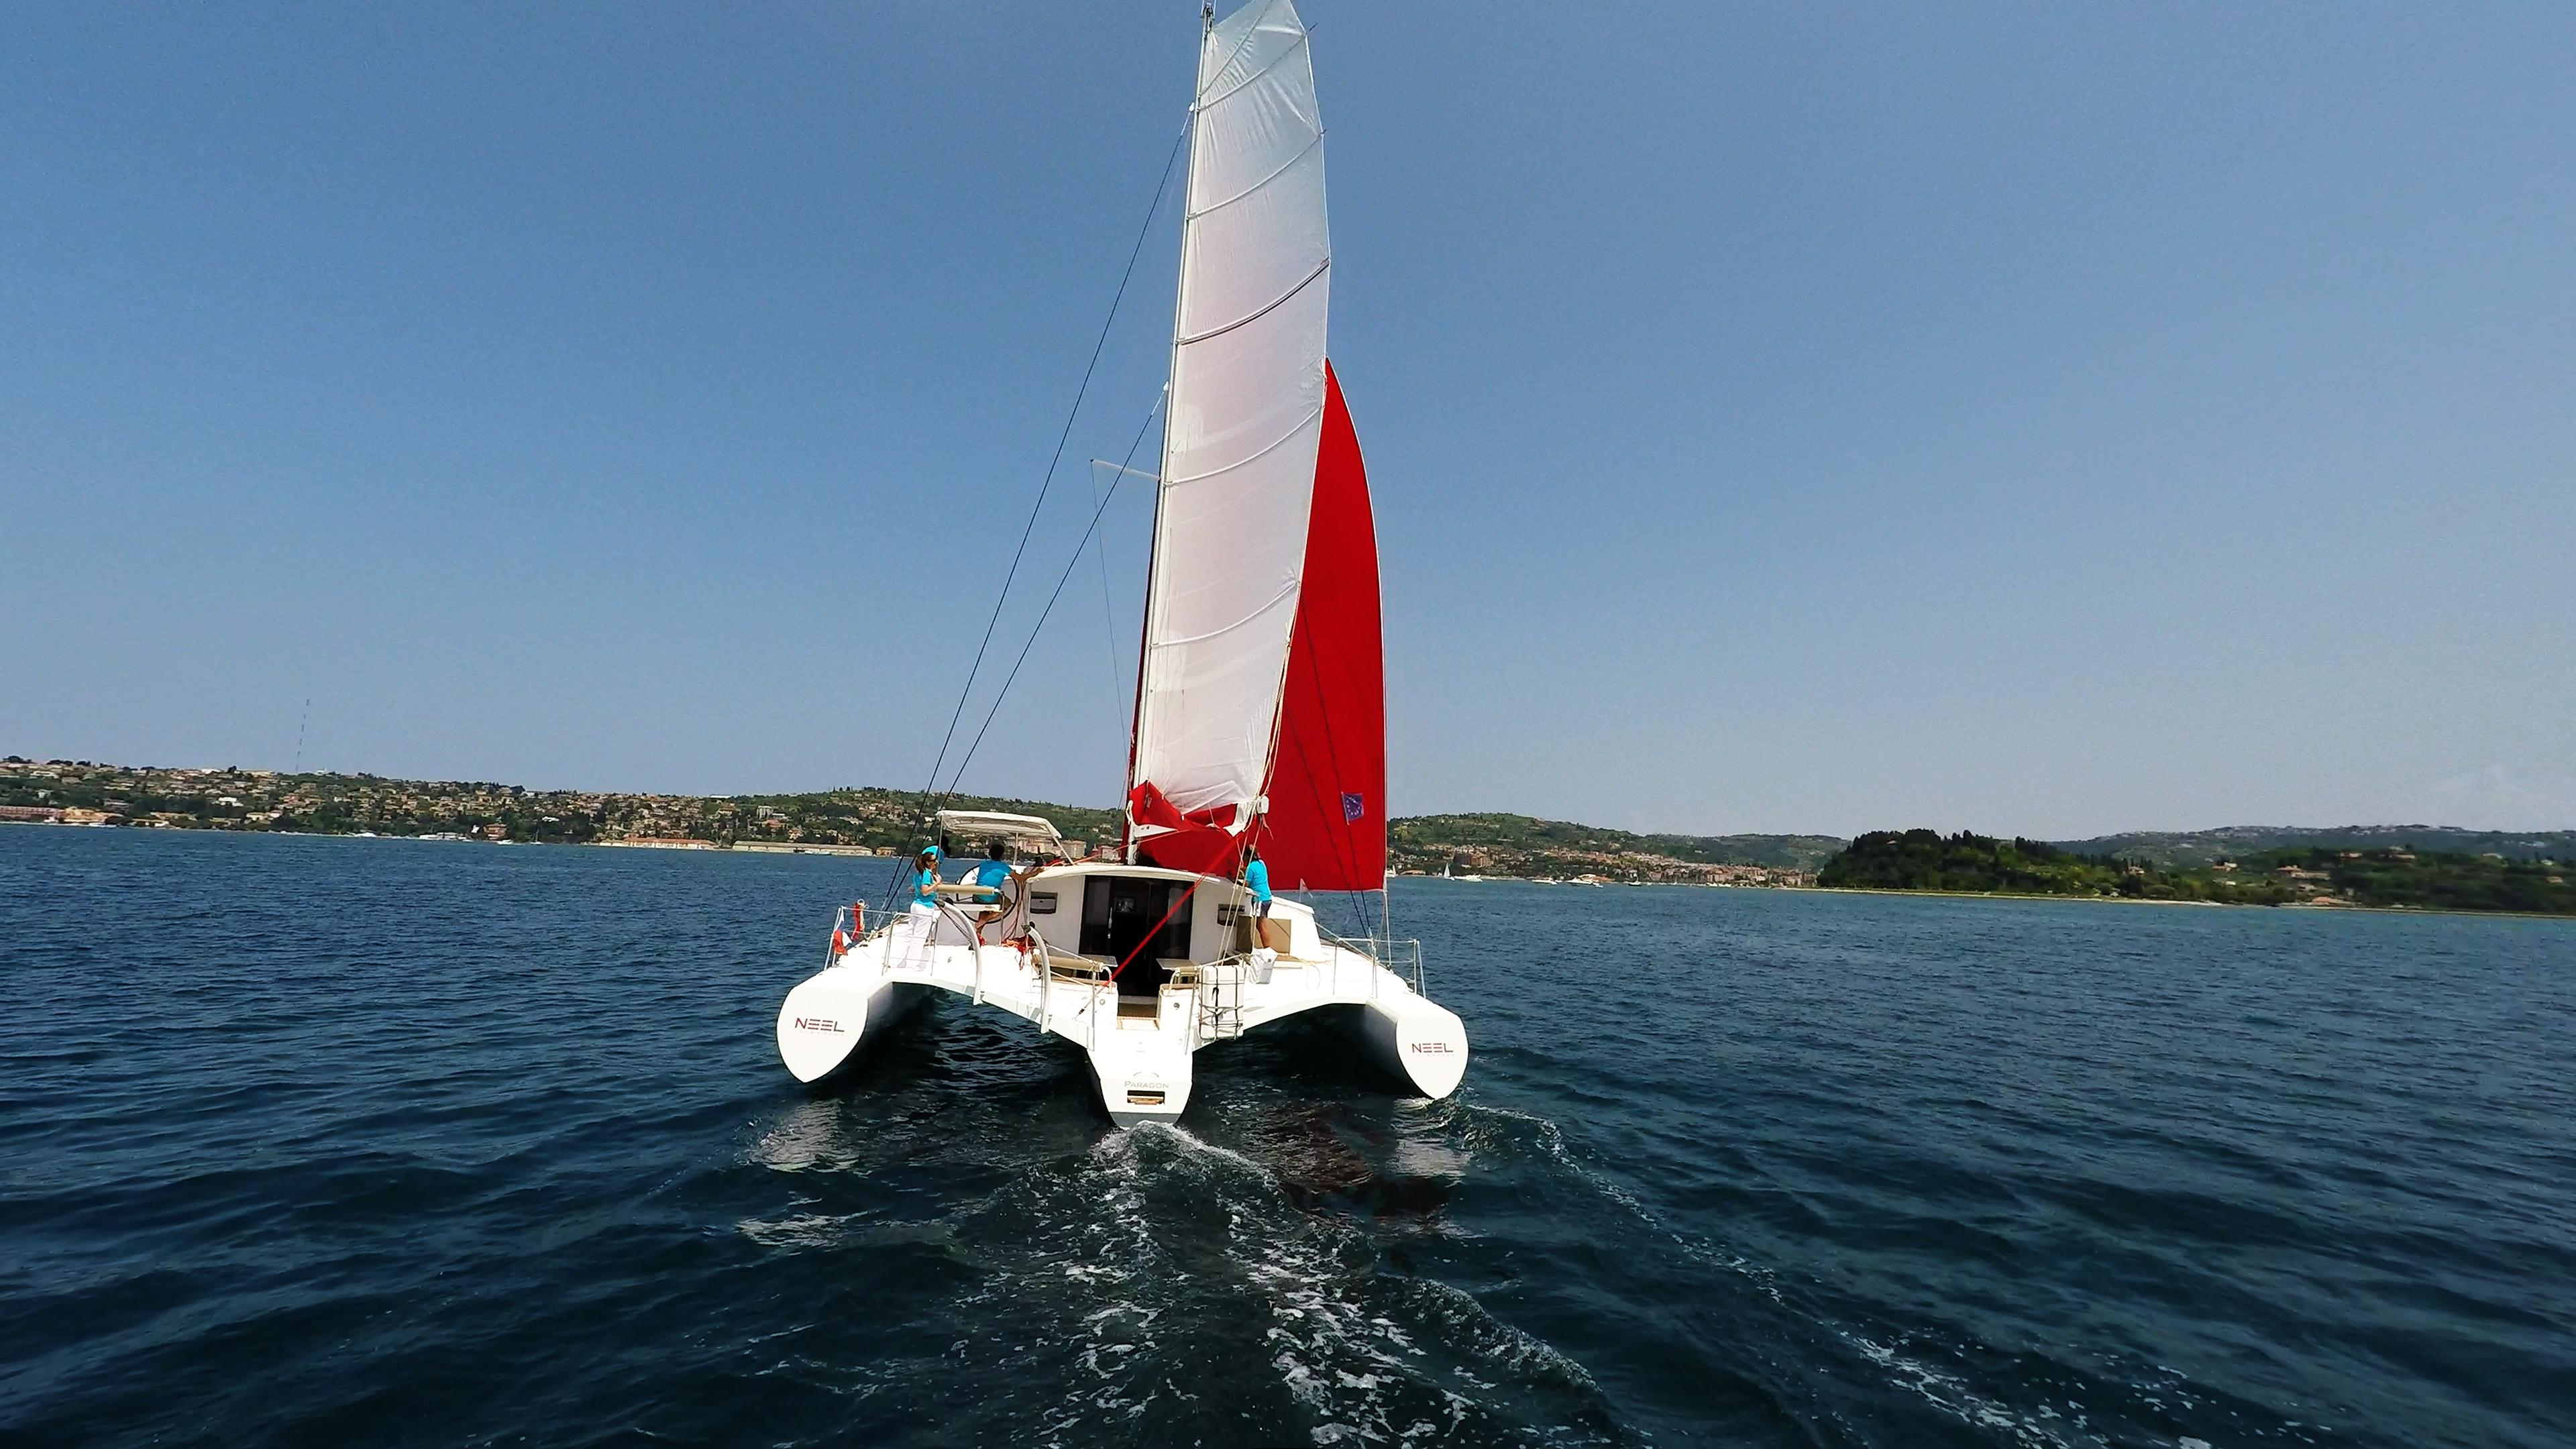 vista di poppa di multiscafo a vela neel 45